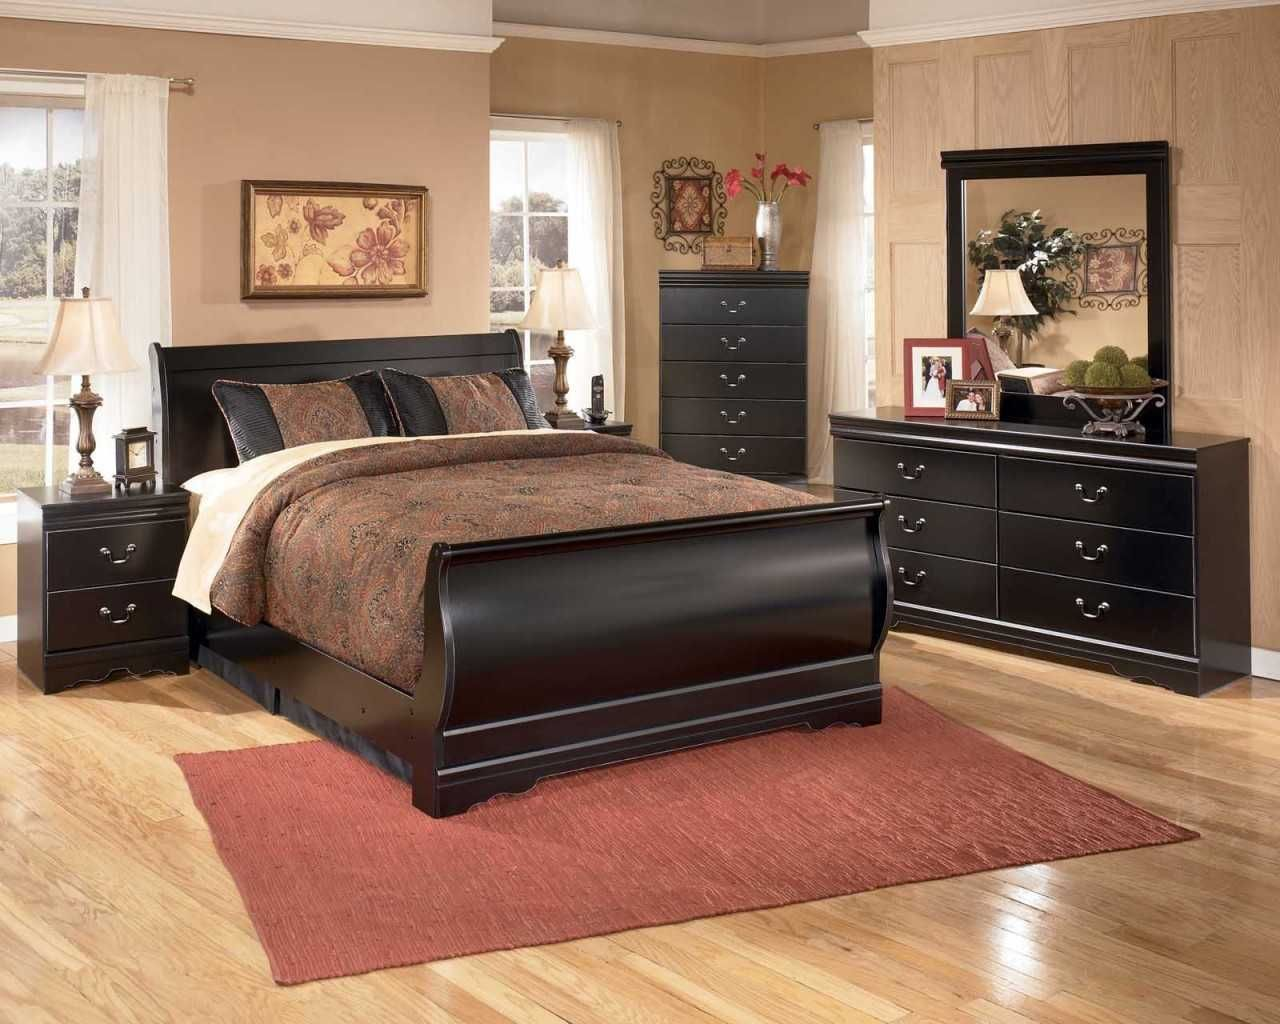 Schlafzimmer Set Mit Matratze Enthalten Fügen Sie ein